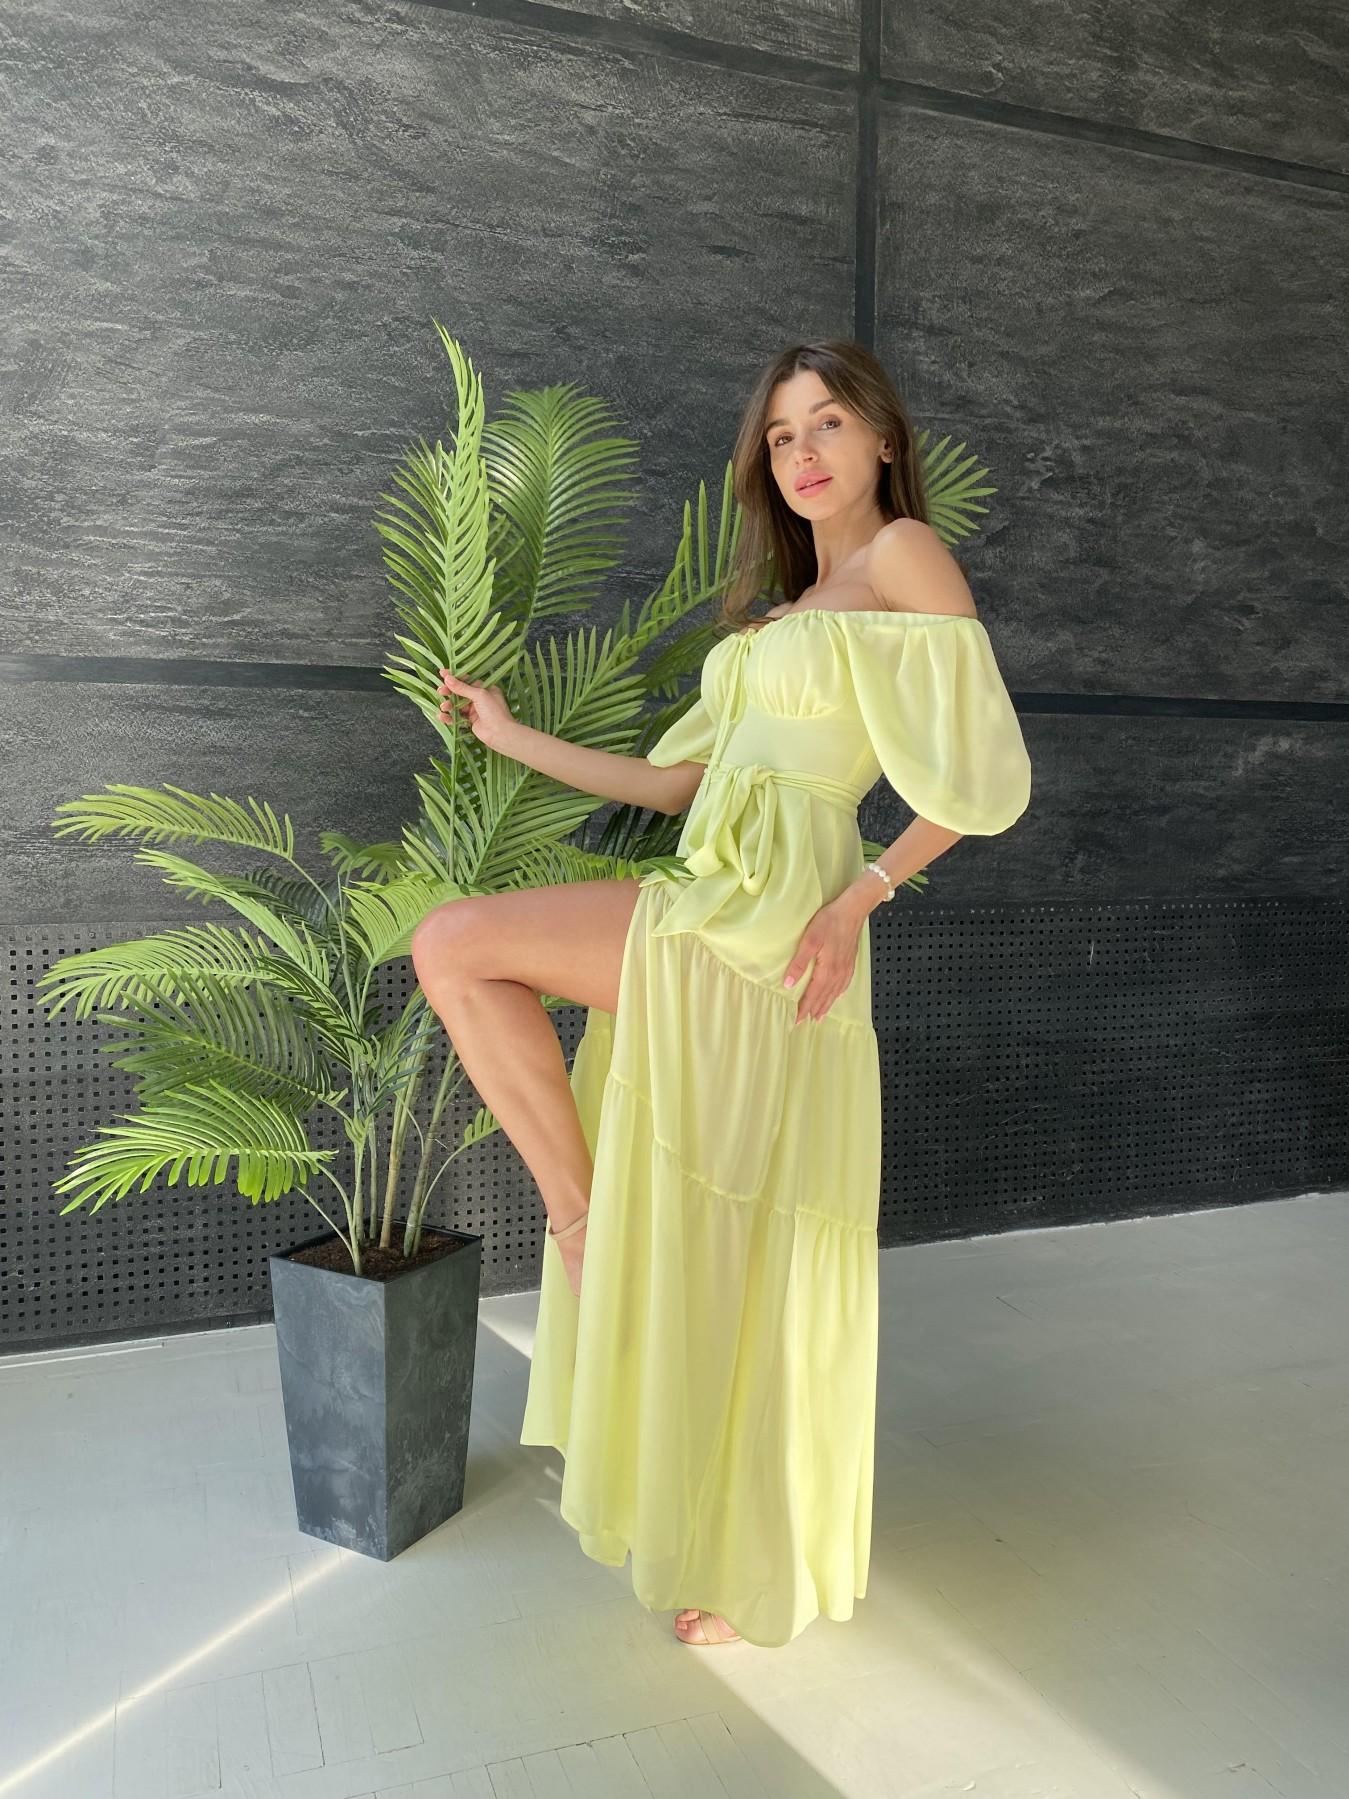 Сейшелы платье креп шифон 11519 АРТ. 48161 Цвет: Желтый - фото 6, интернет магазин tm-modus.ru